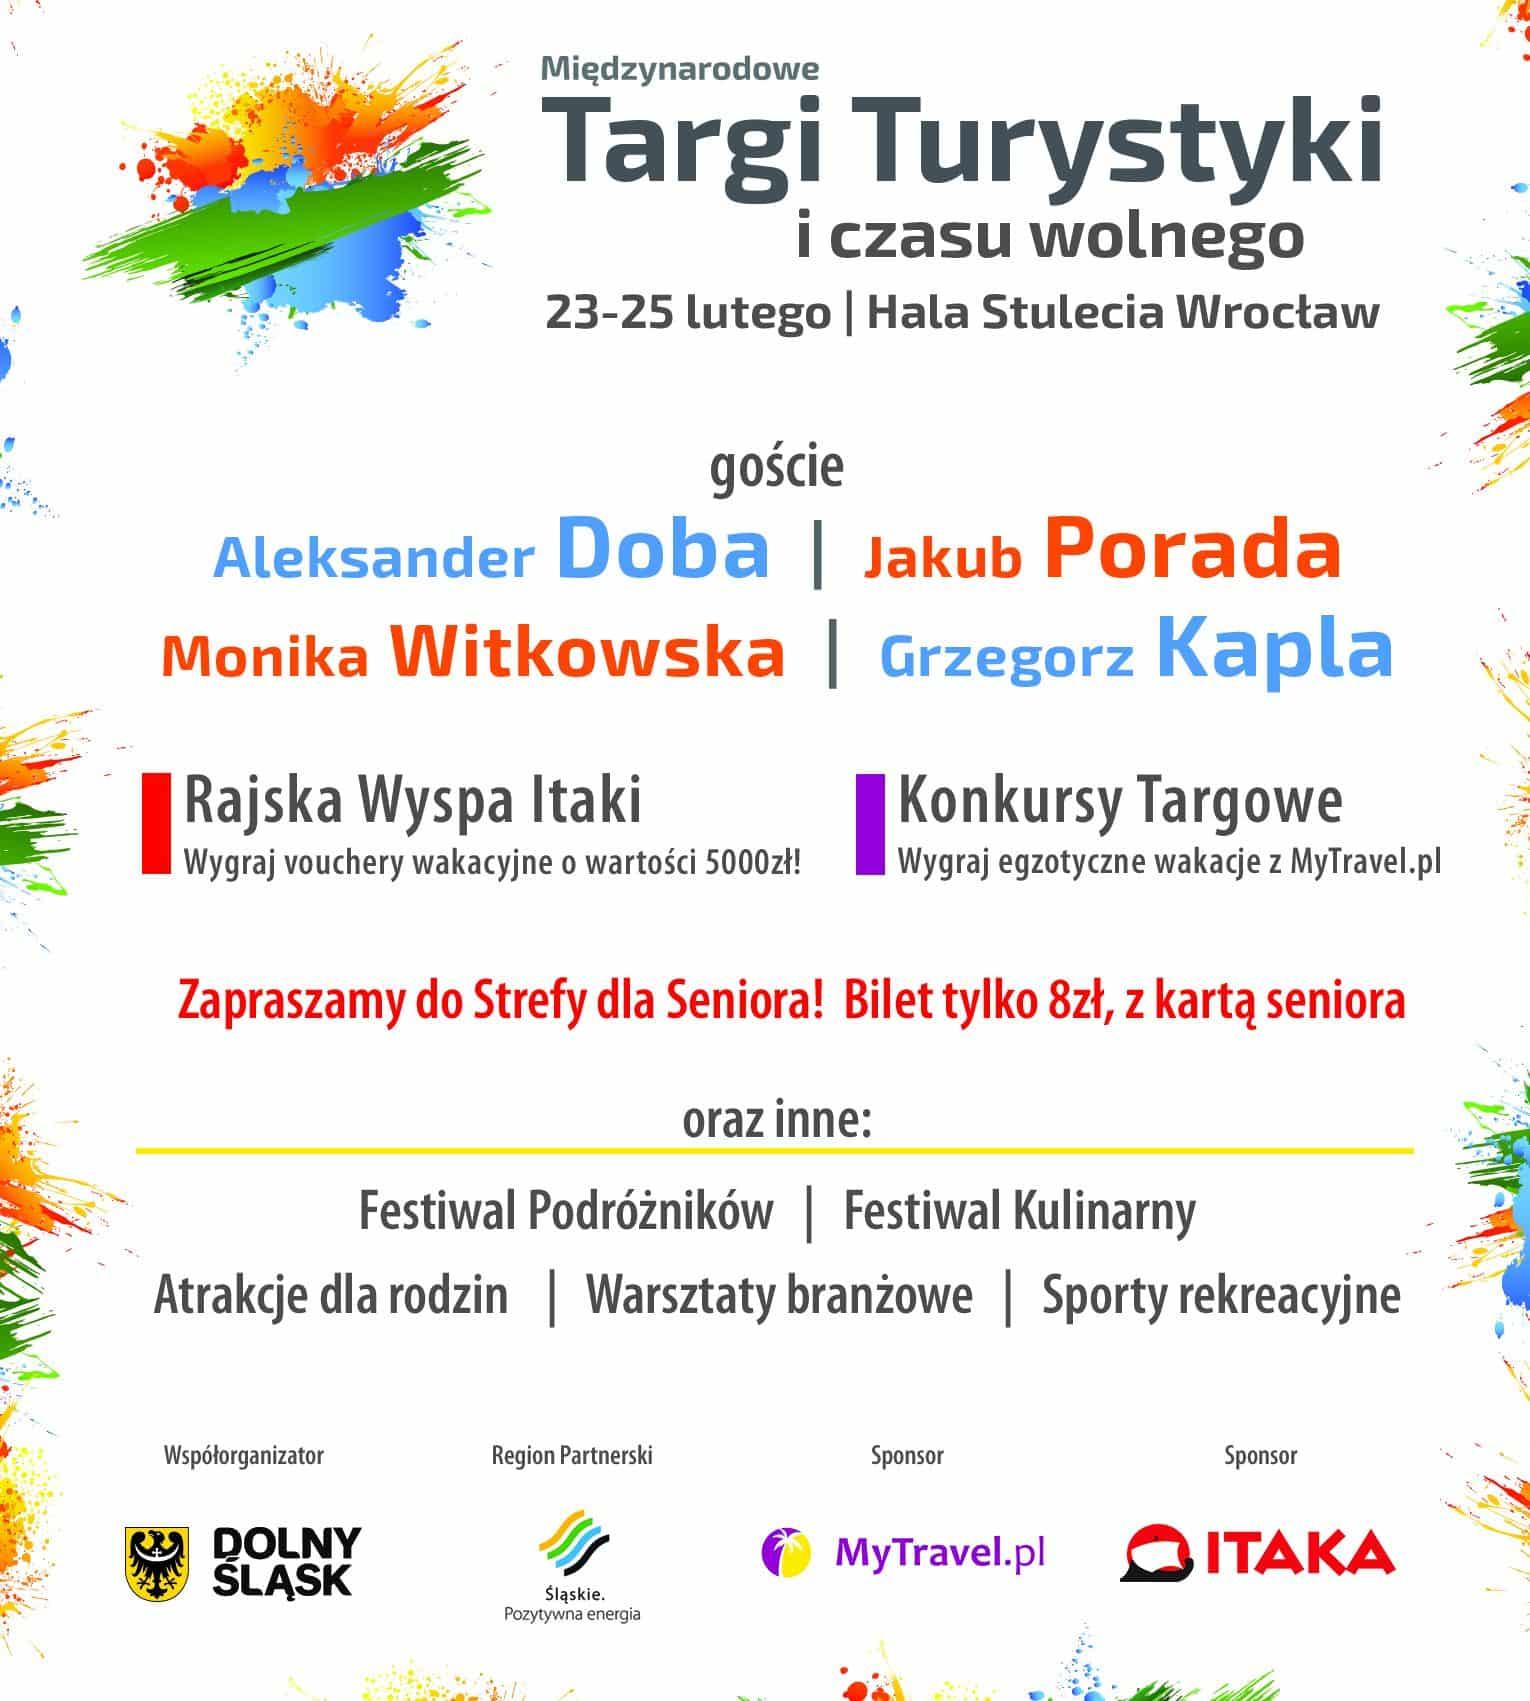 10. Międzynarodowe Targi Turystyki we Wrocławiu